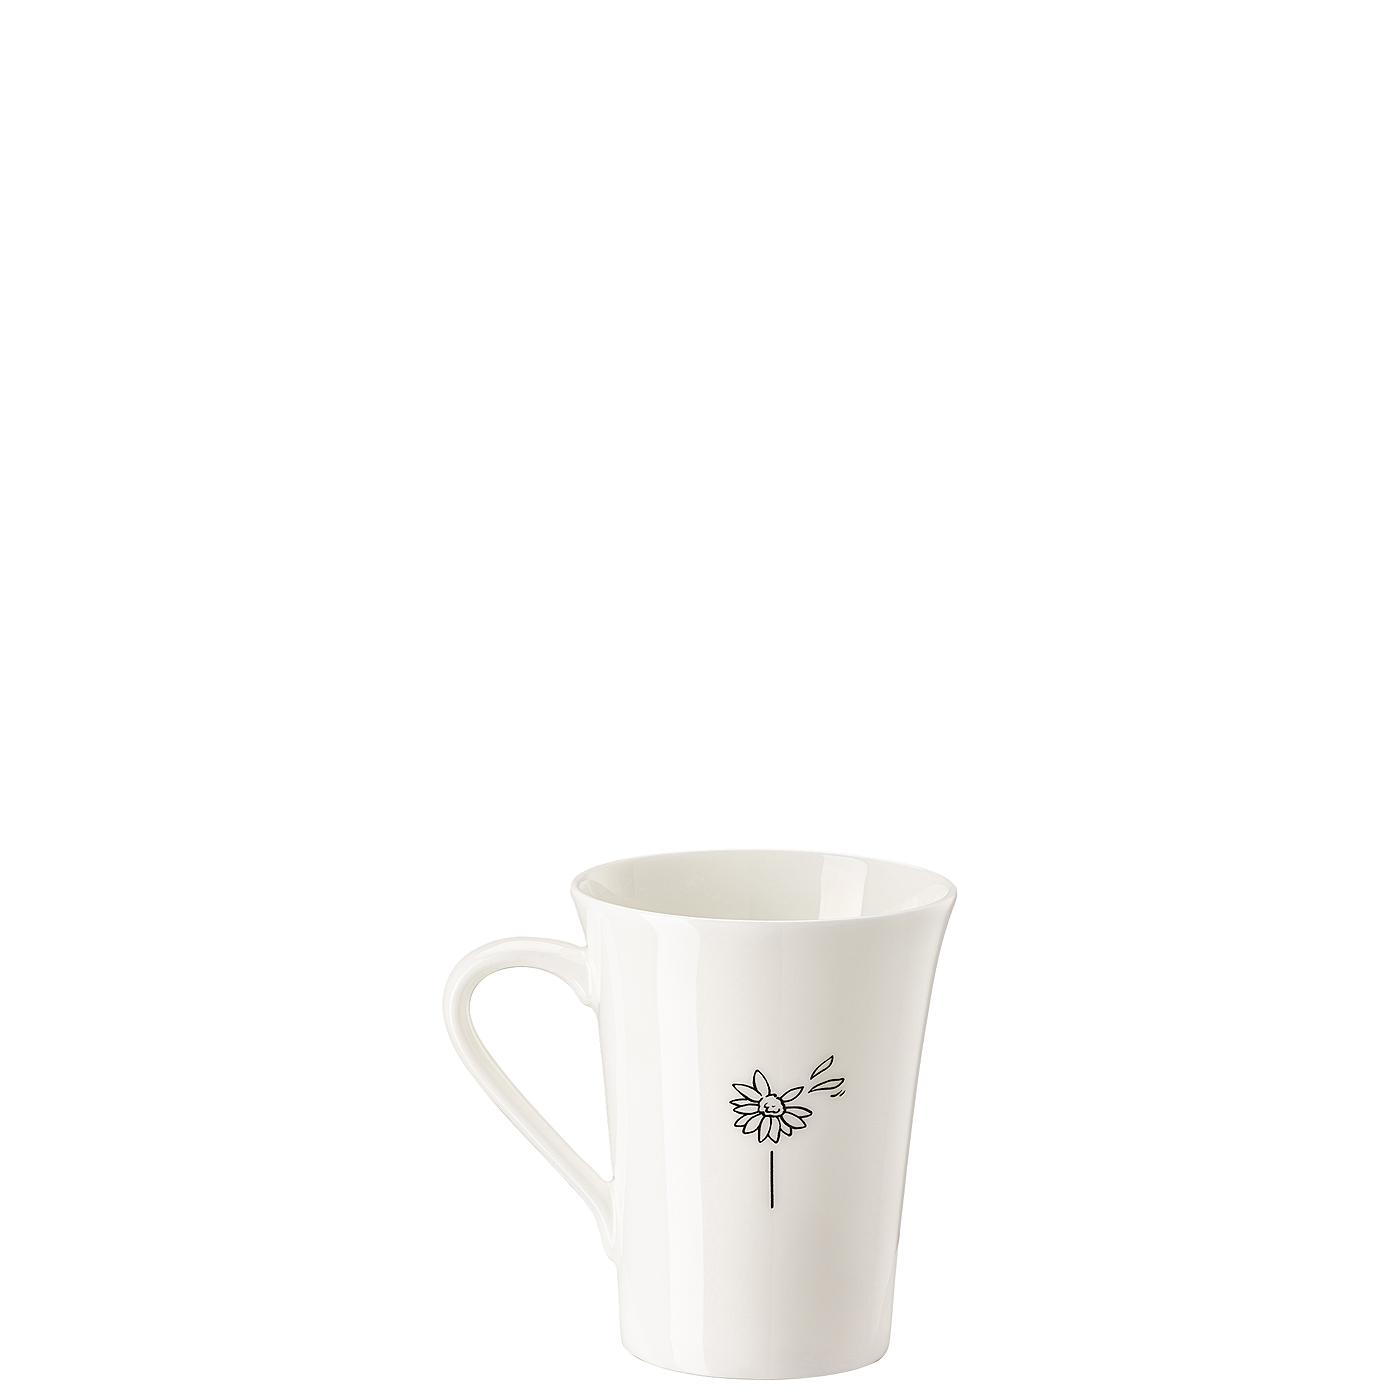 Becher mit Henkel My Mug Collection Worte - Glücklich Hutschenreuther